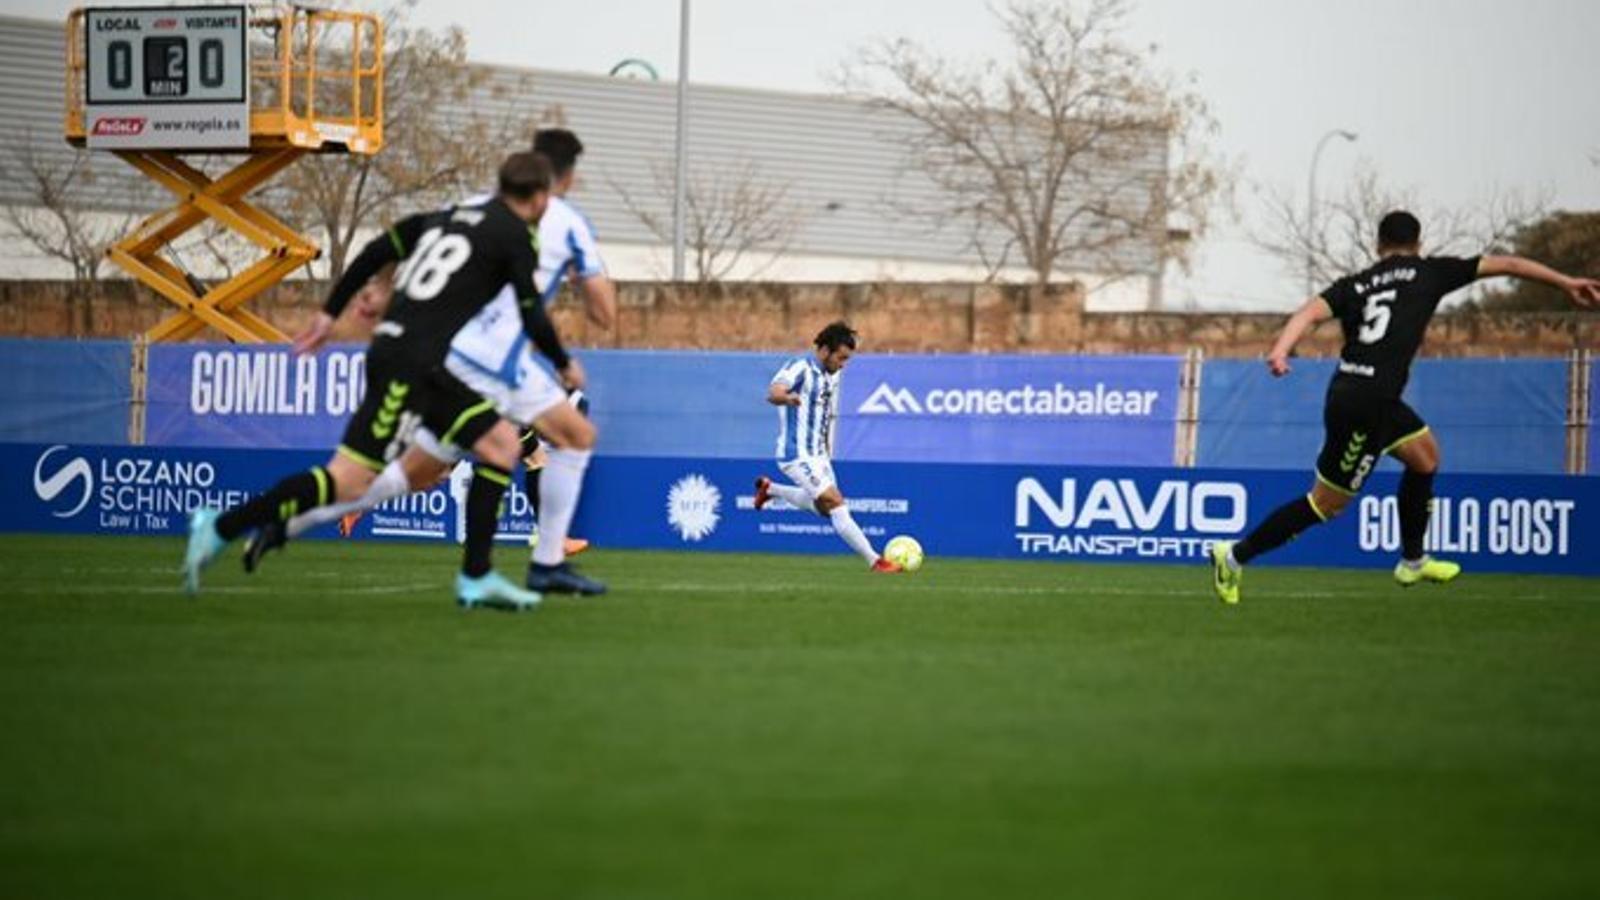 L'Atlètic Balears recupera el somnriure amb una gran victòria contra el Rayo Majadahonda